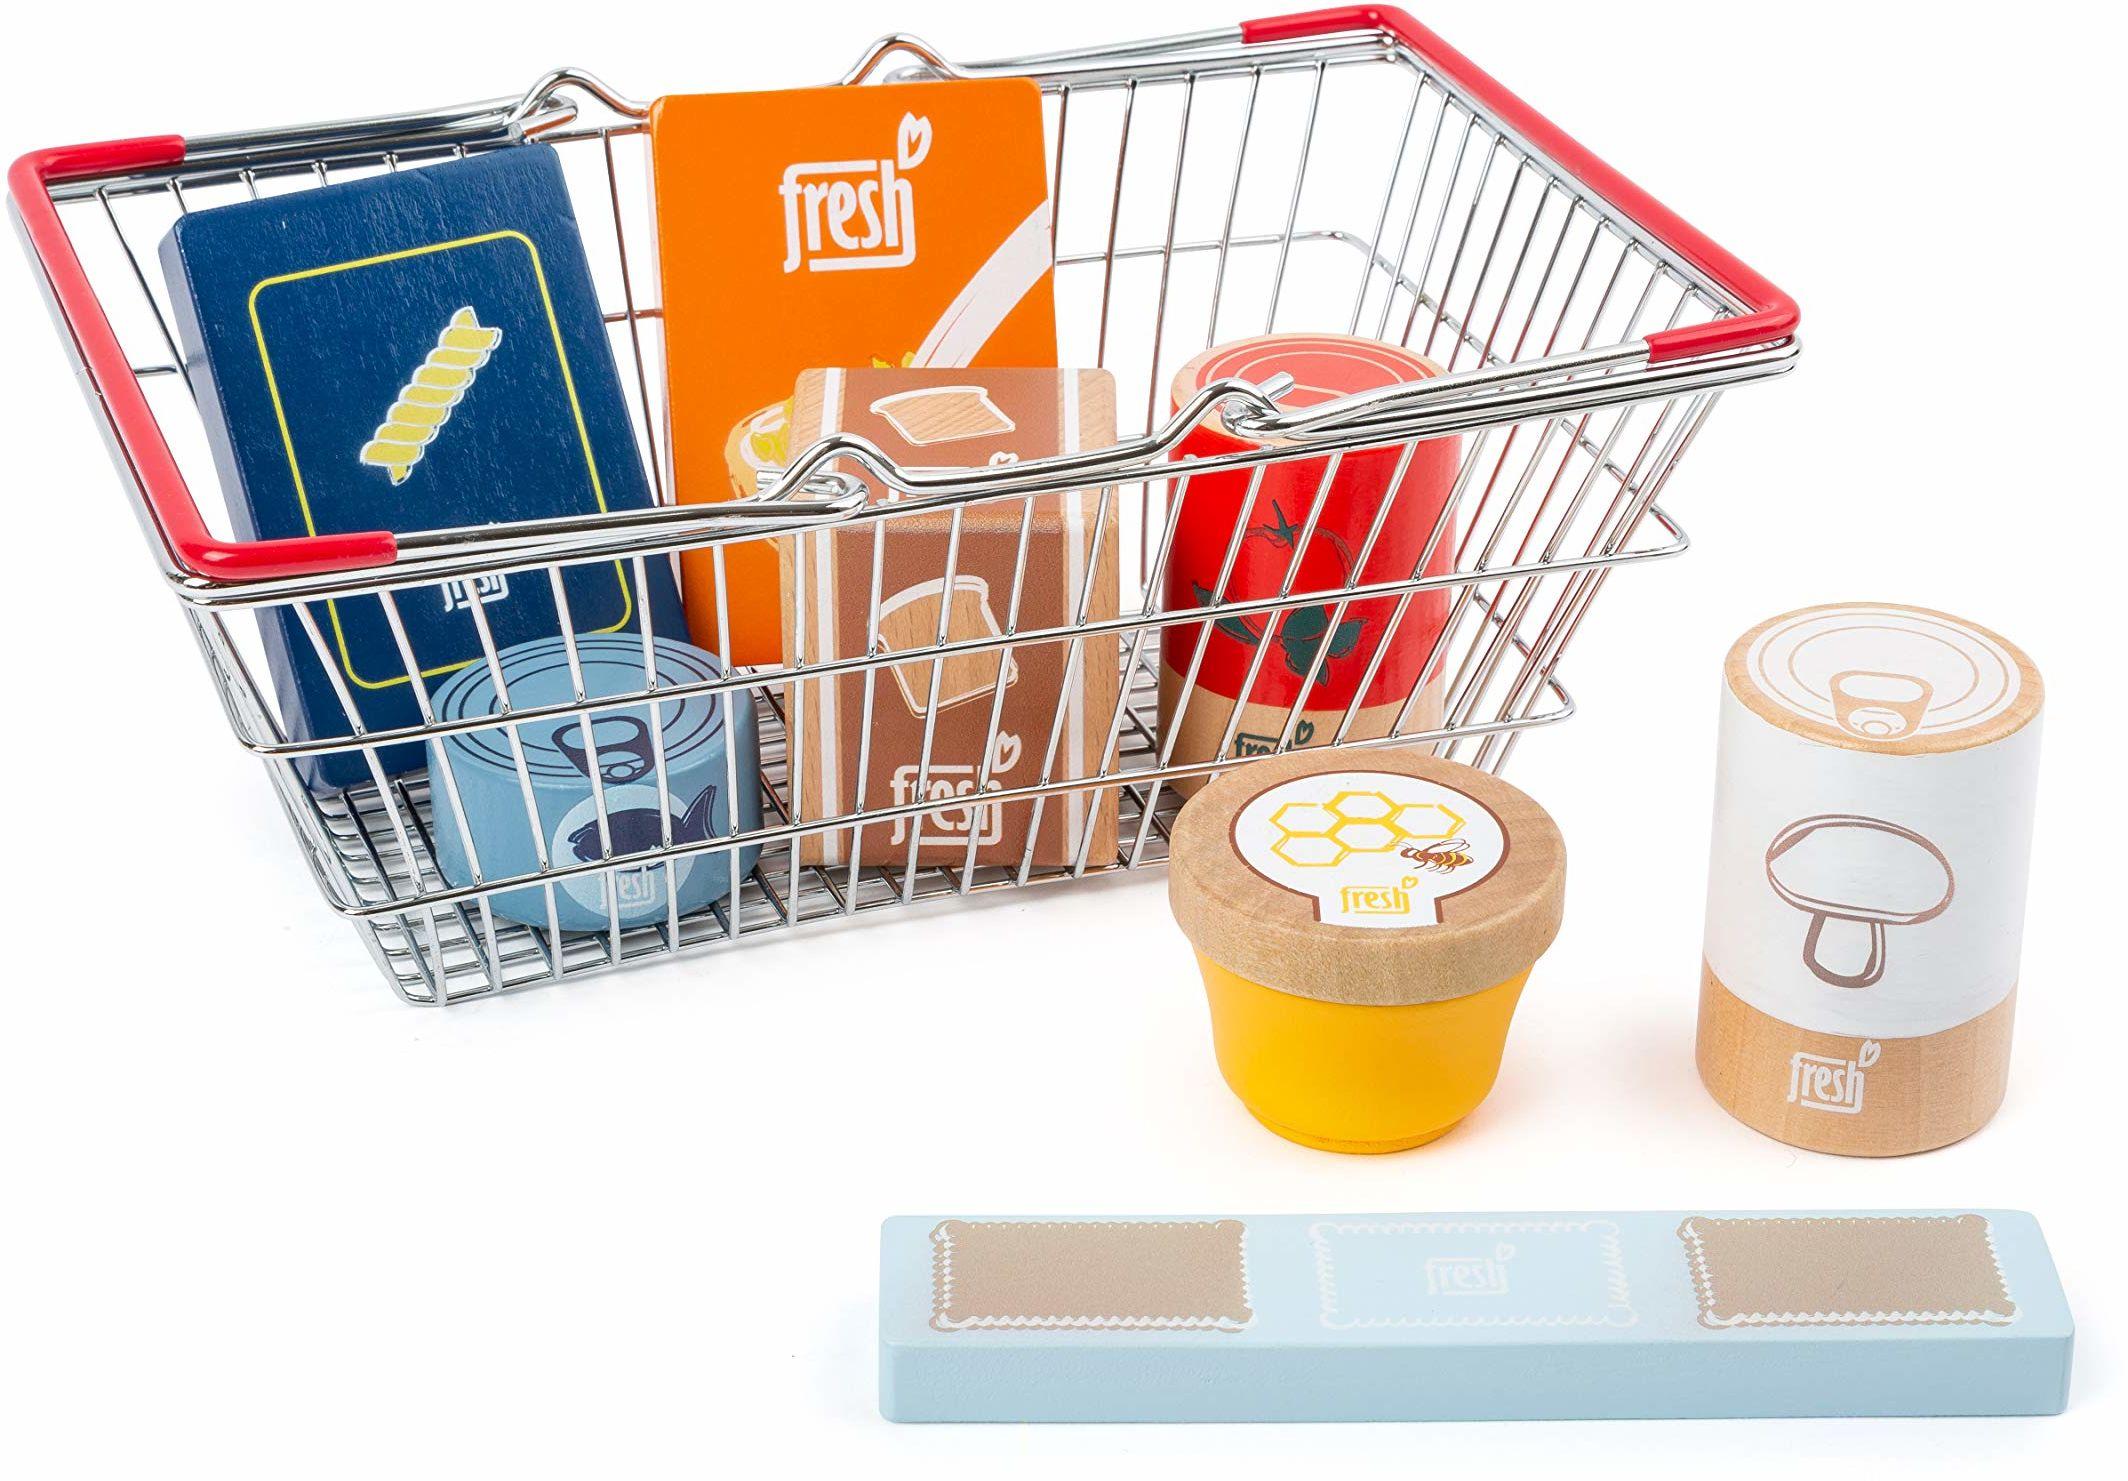 Small Foot 11443 koszyk na zakupy spożywcze świeży wykonany z drewna, zestaw jako akcesorium do kuchni dla dzieci i sklepów zabaw, wielokolorowe